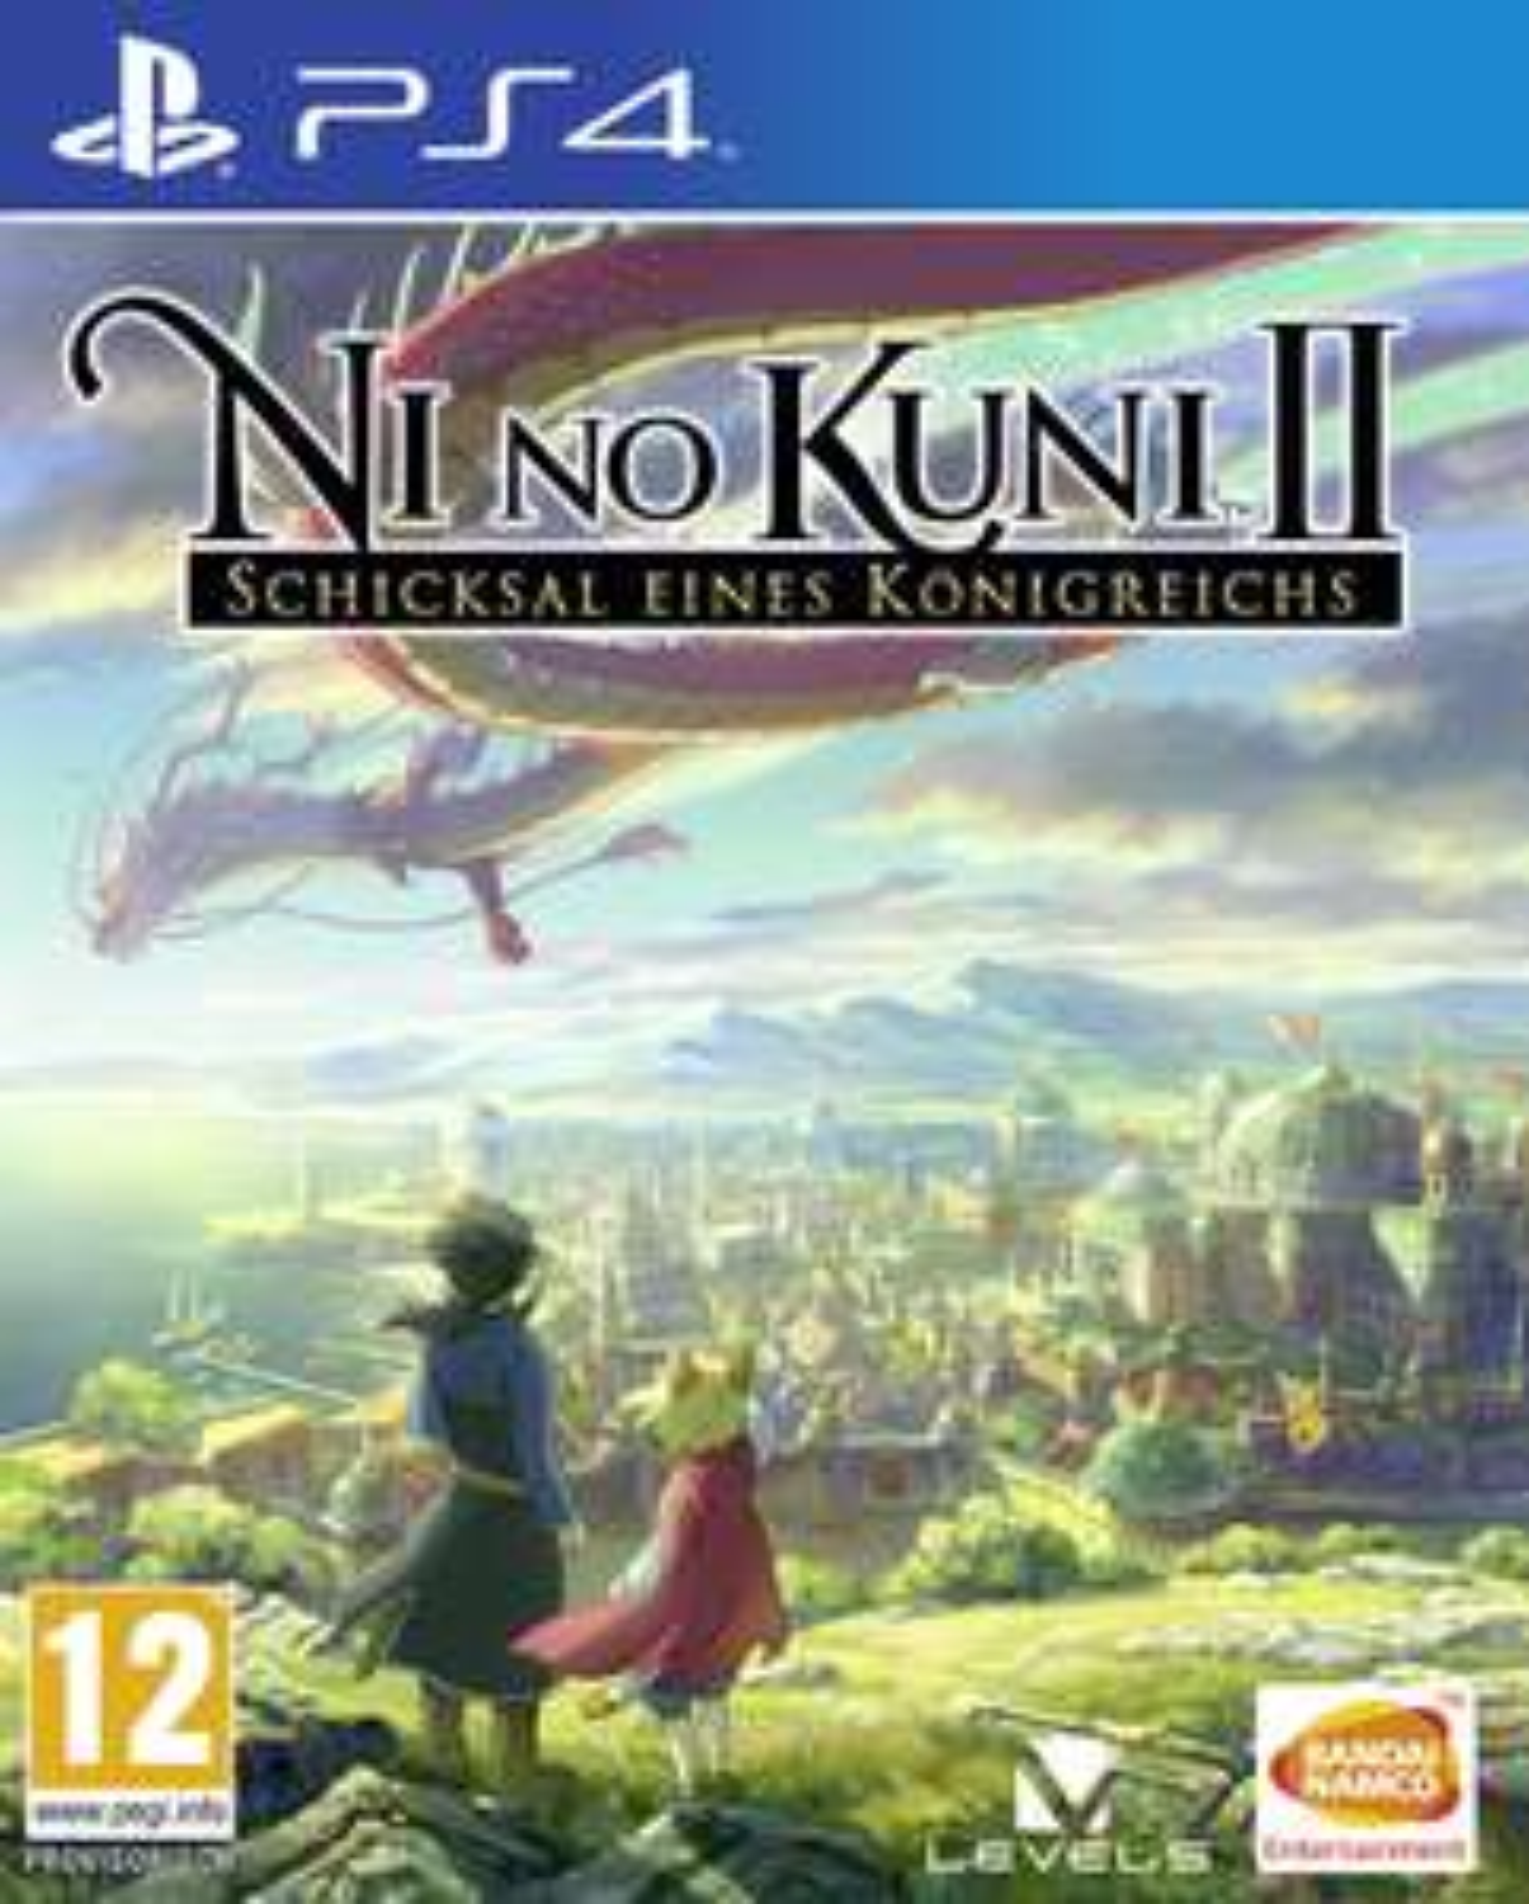 Ni No Kuni 2: Schicksal eines Königreichs (PS4) + Season Pass + DLC für 39,90€ (Gameware)